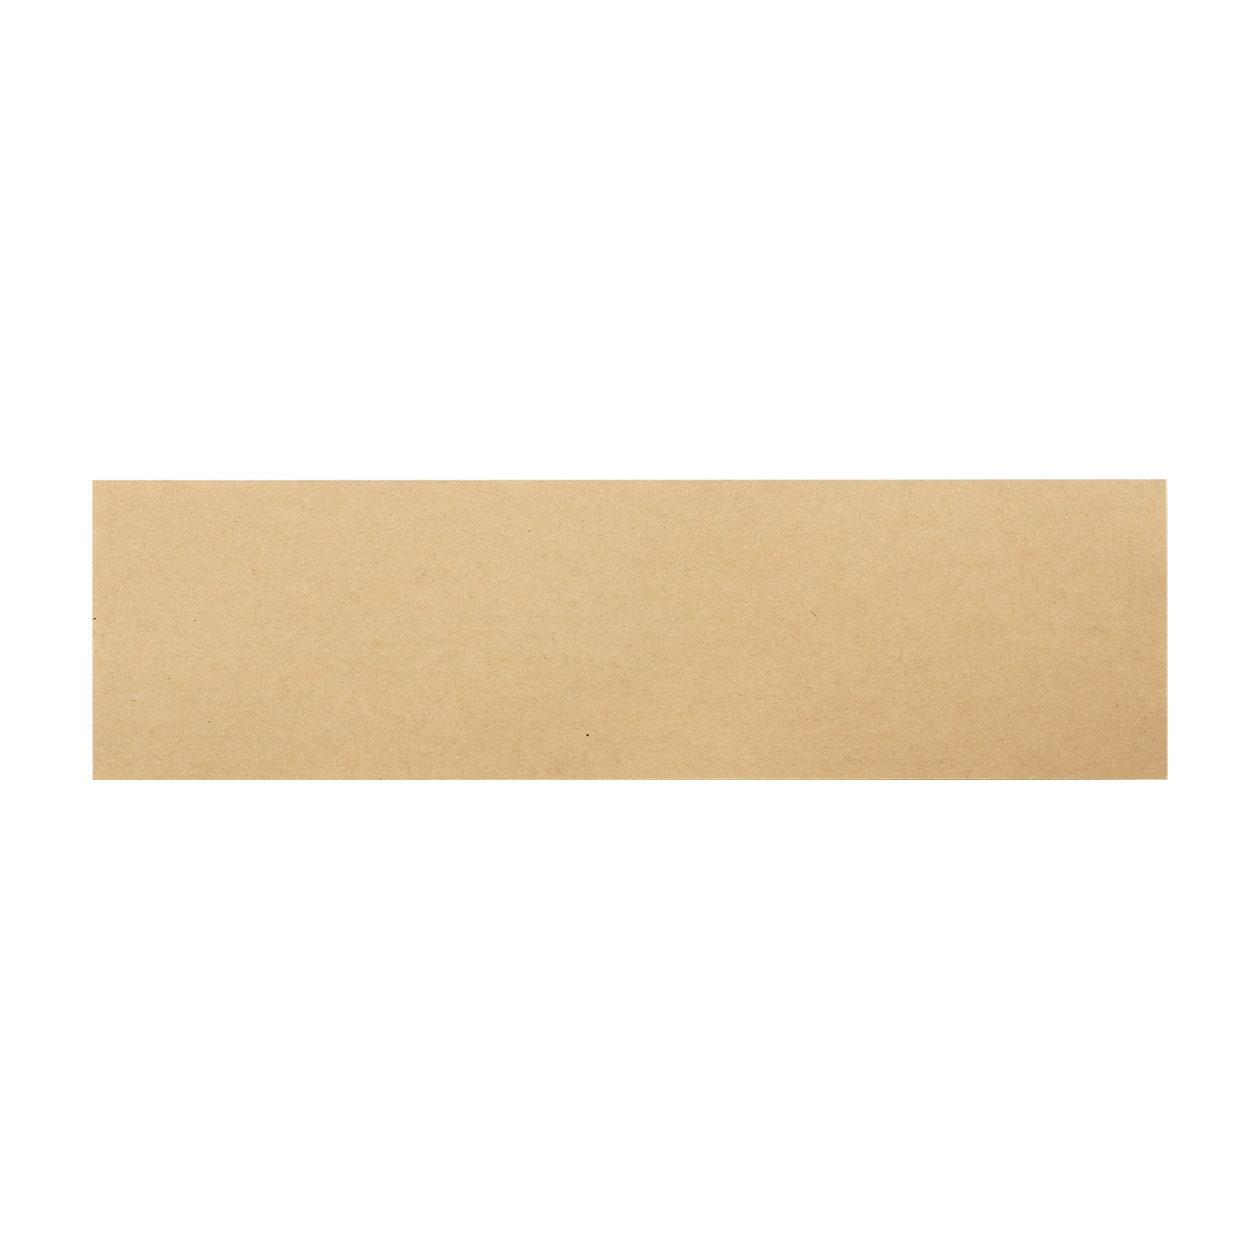 サンプル カード・シート 00425